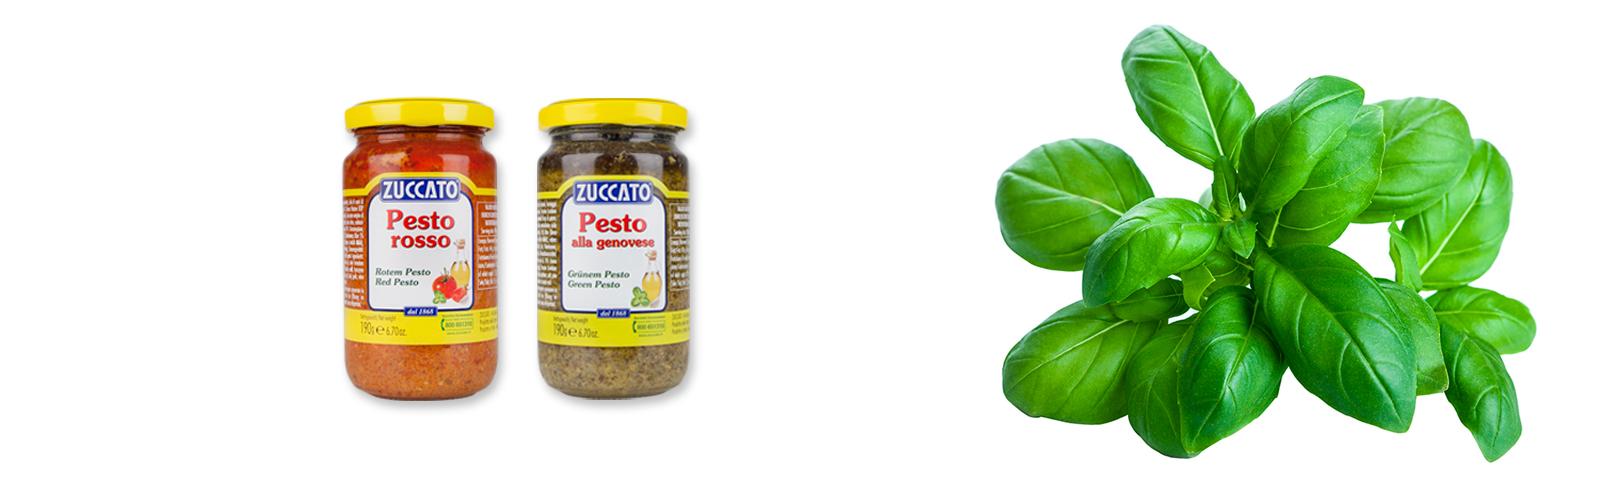 Pesti Zuccato